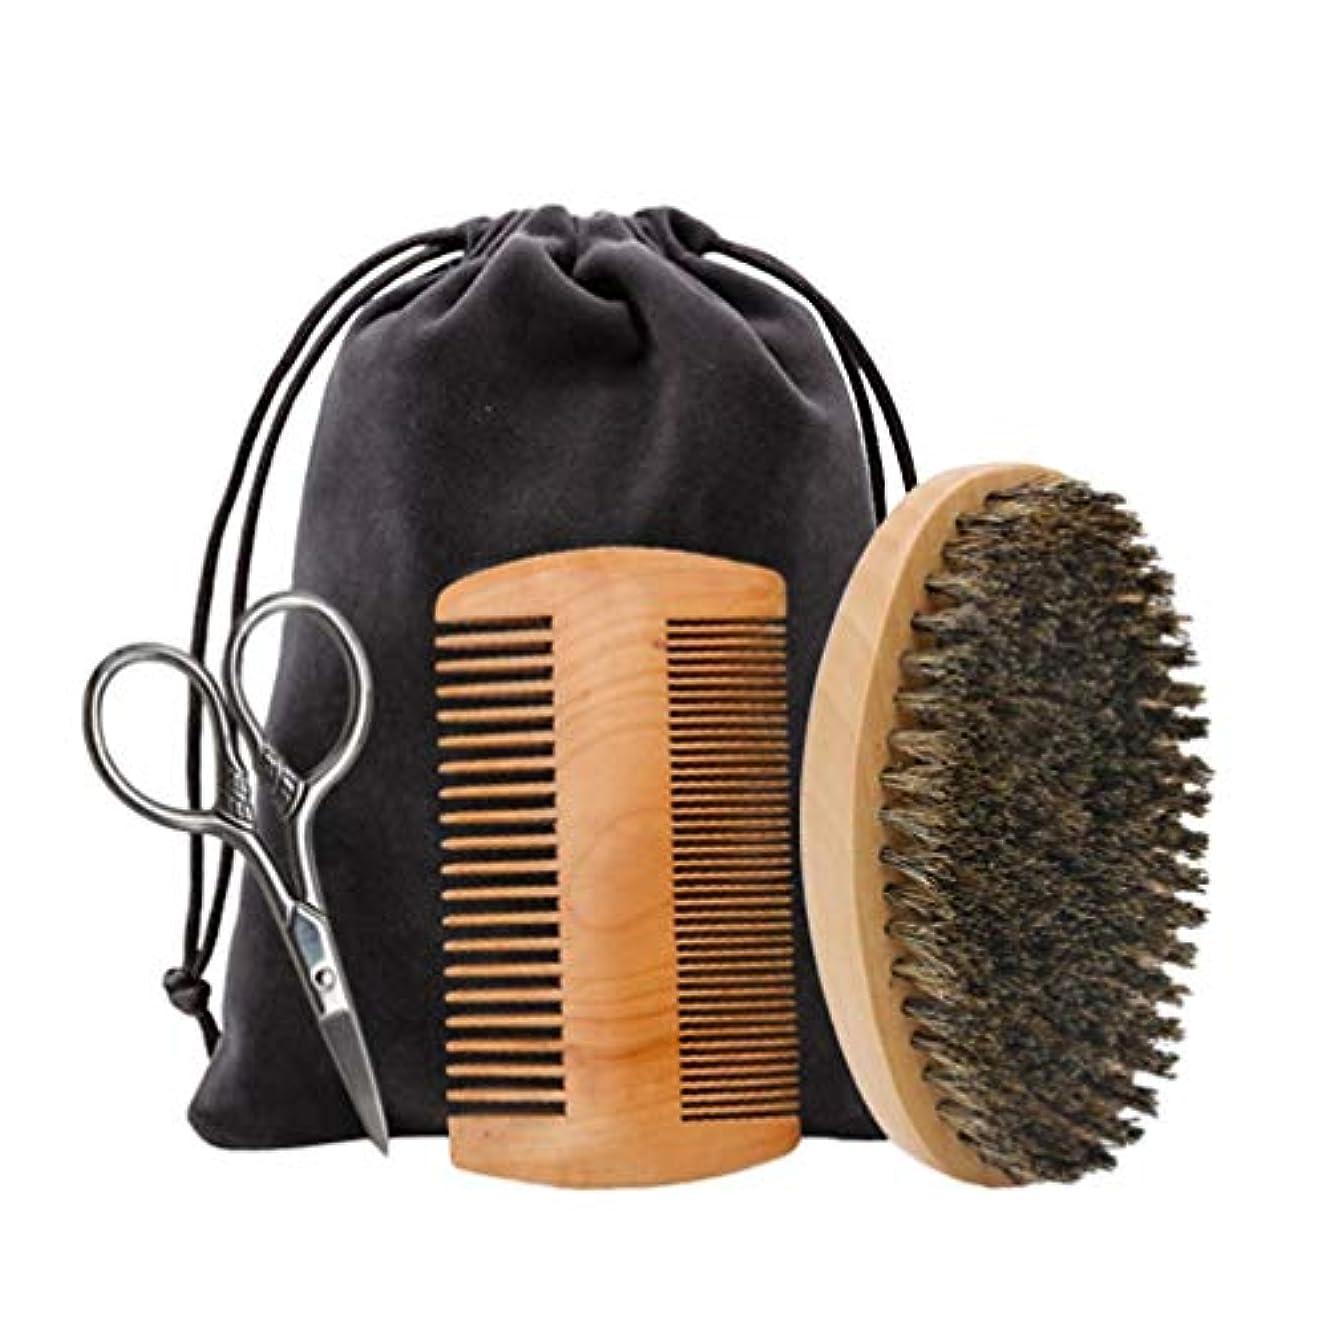 インフルエンザ素人準備するHEALLILY ひげ口ひげグルーミングトリミングキットひげブラシウッドコームステンレススチールハサミ、メンズシェーピング1セット